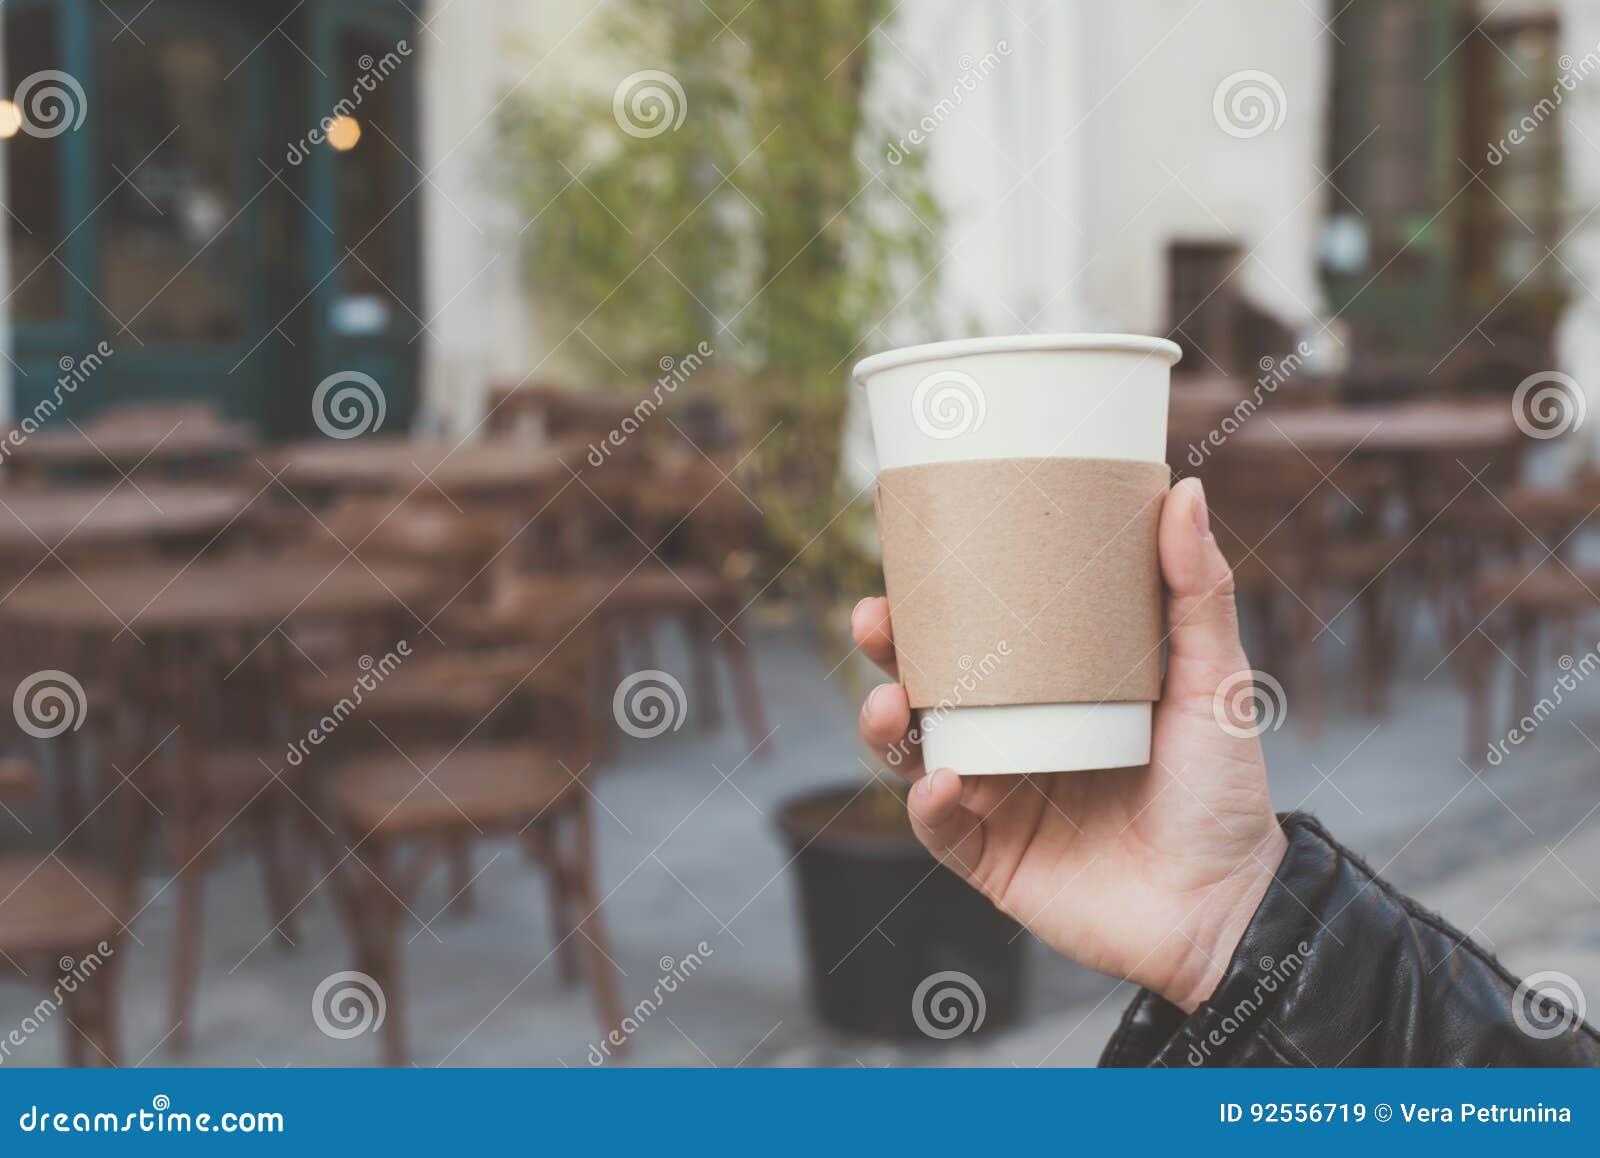 Tazza di caffè a disposizione